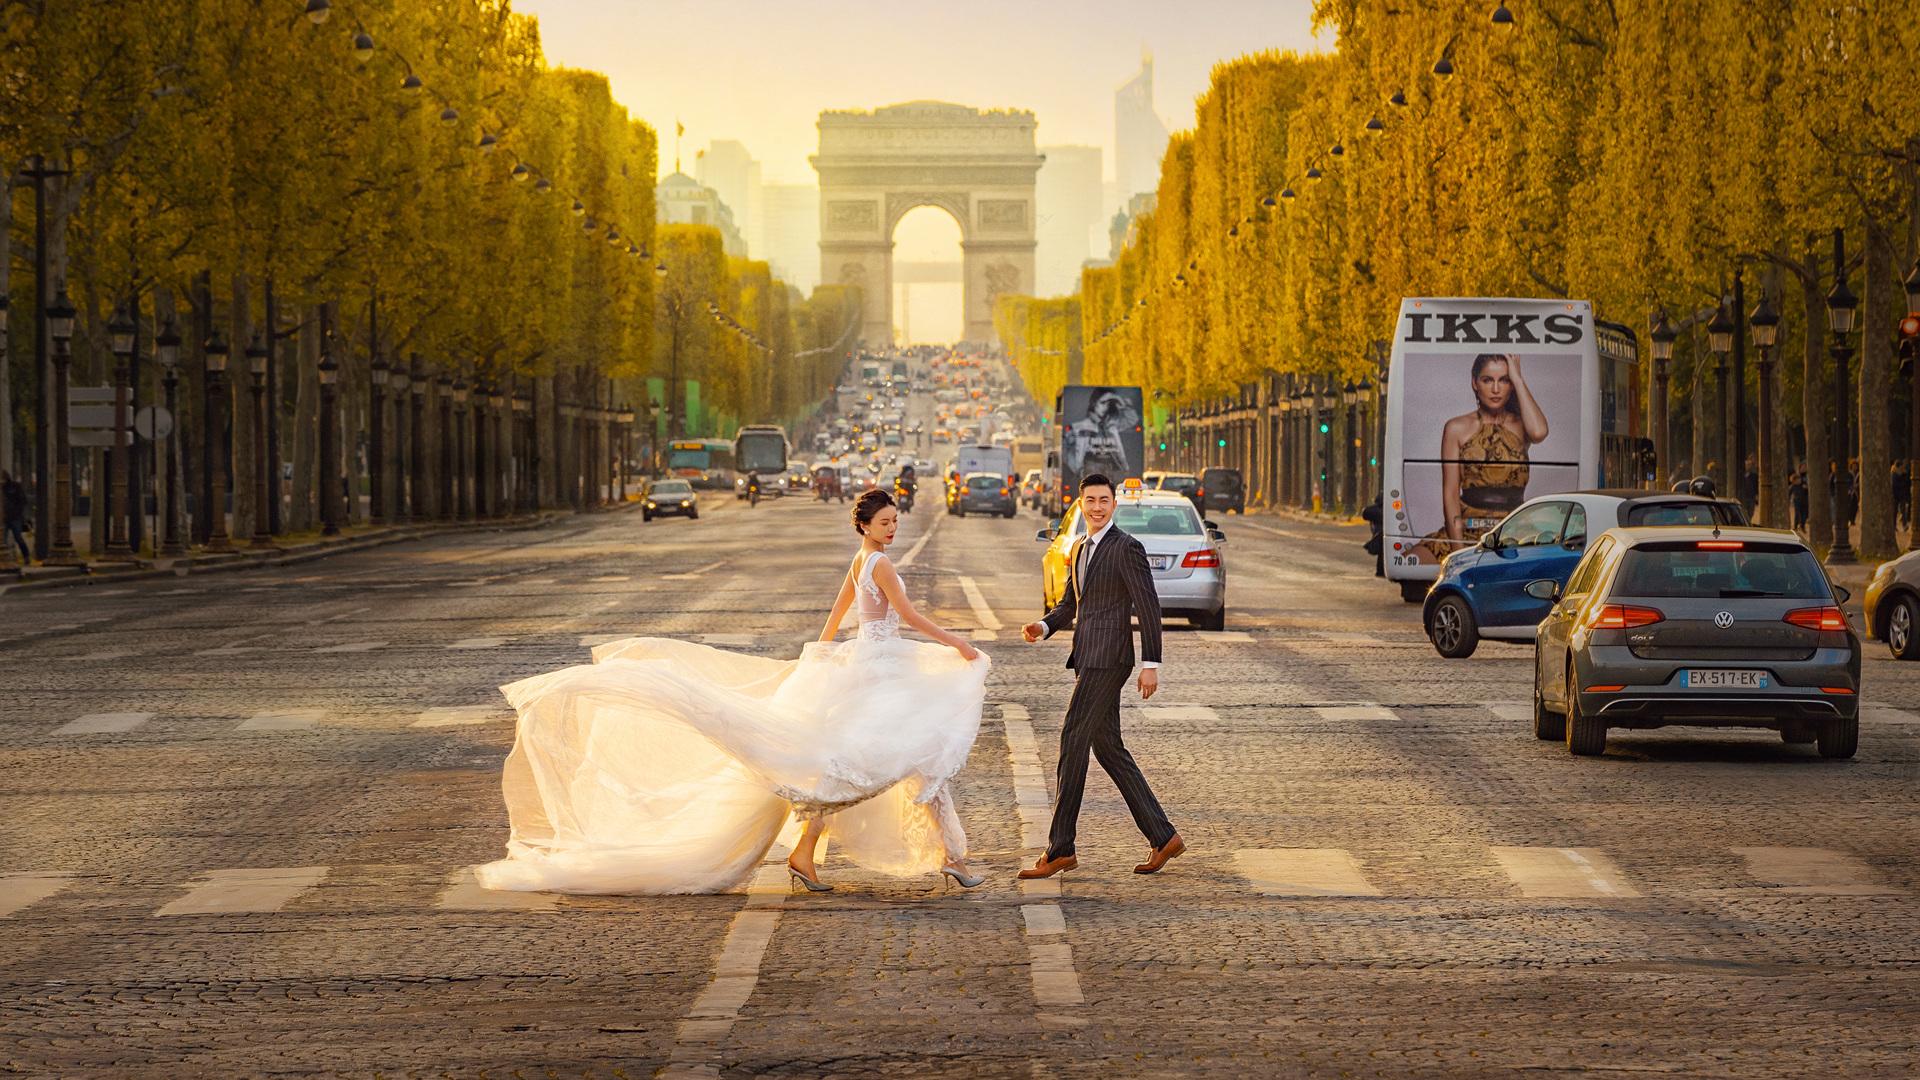 厦门拍婚纱照几月份比较好 厦门婚纱摄影攻略大全